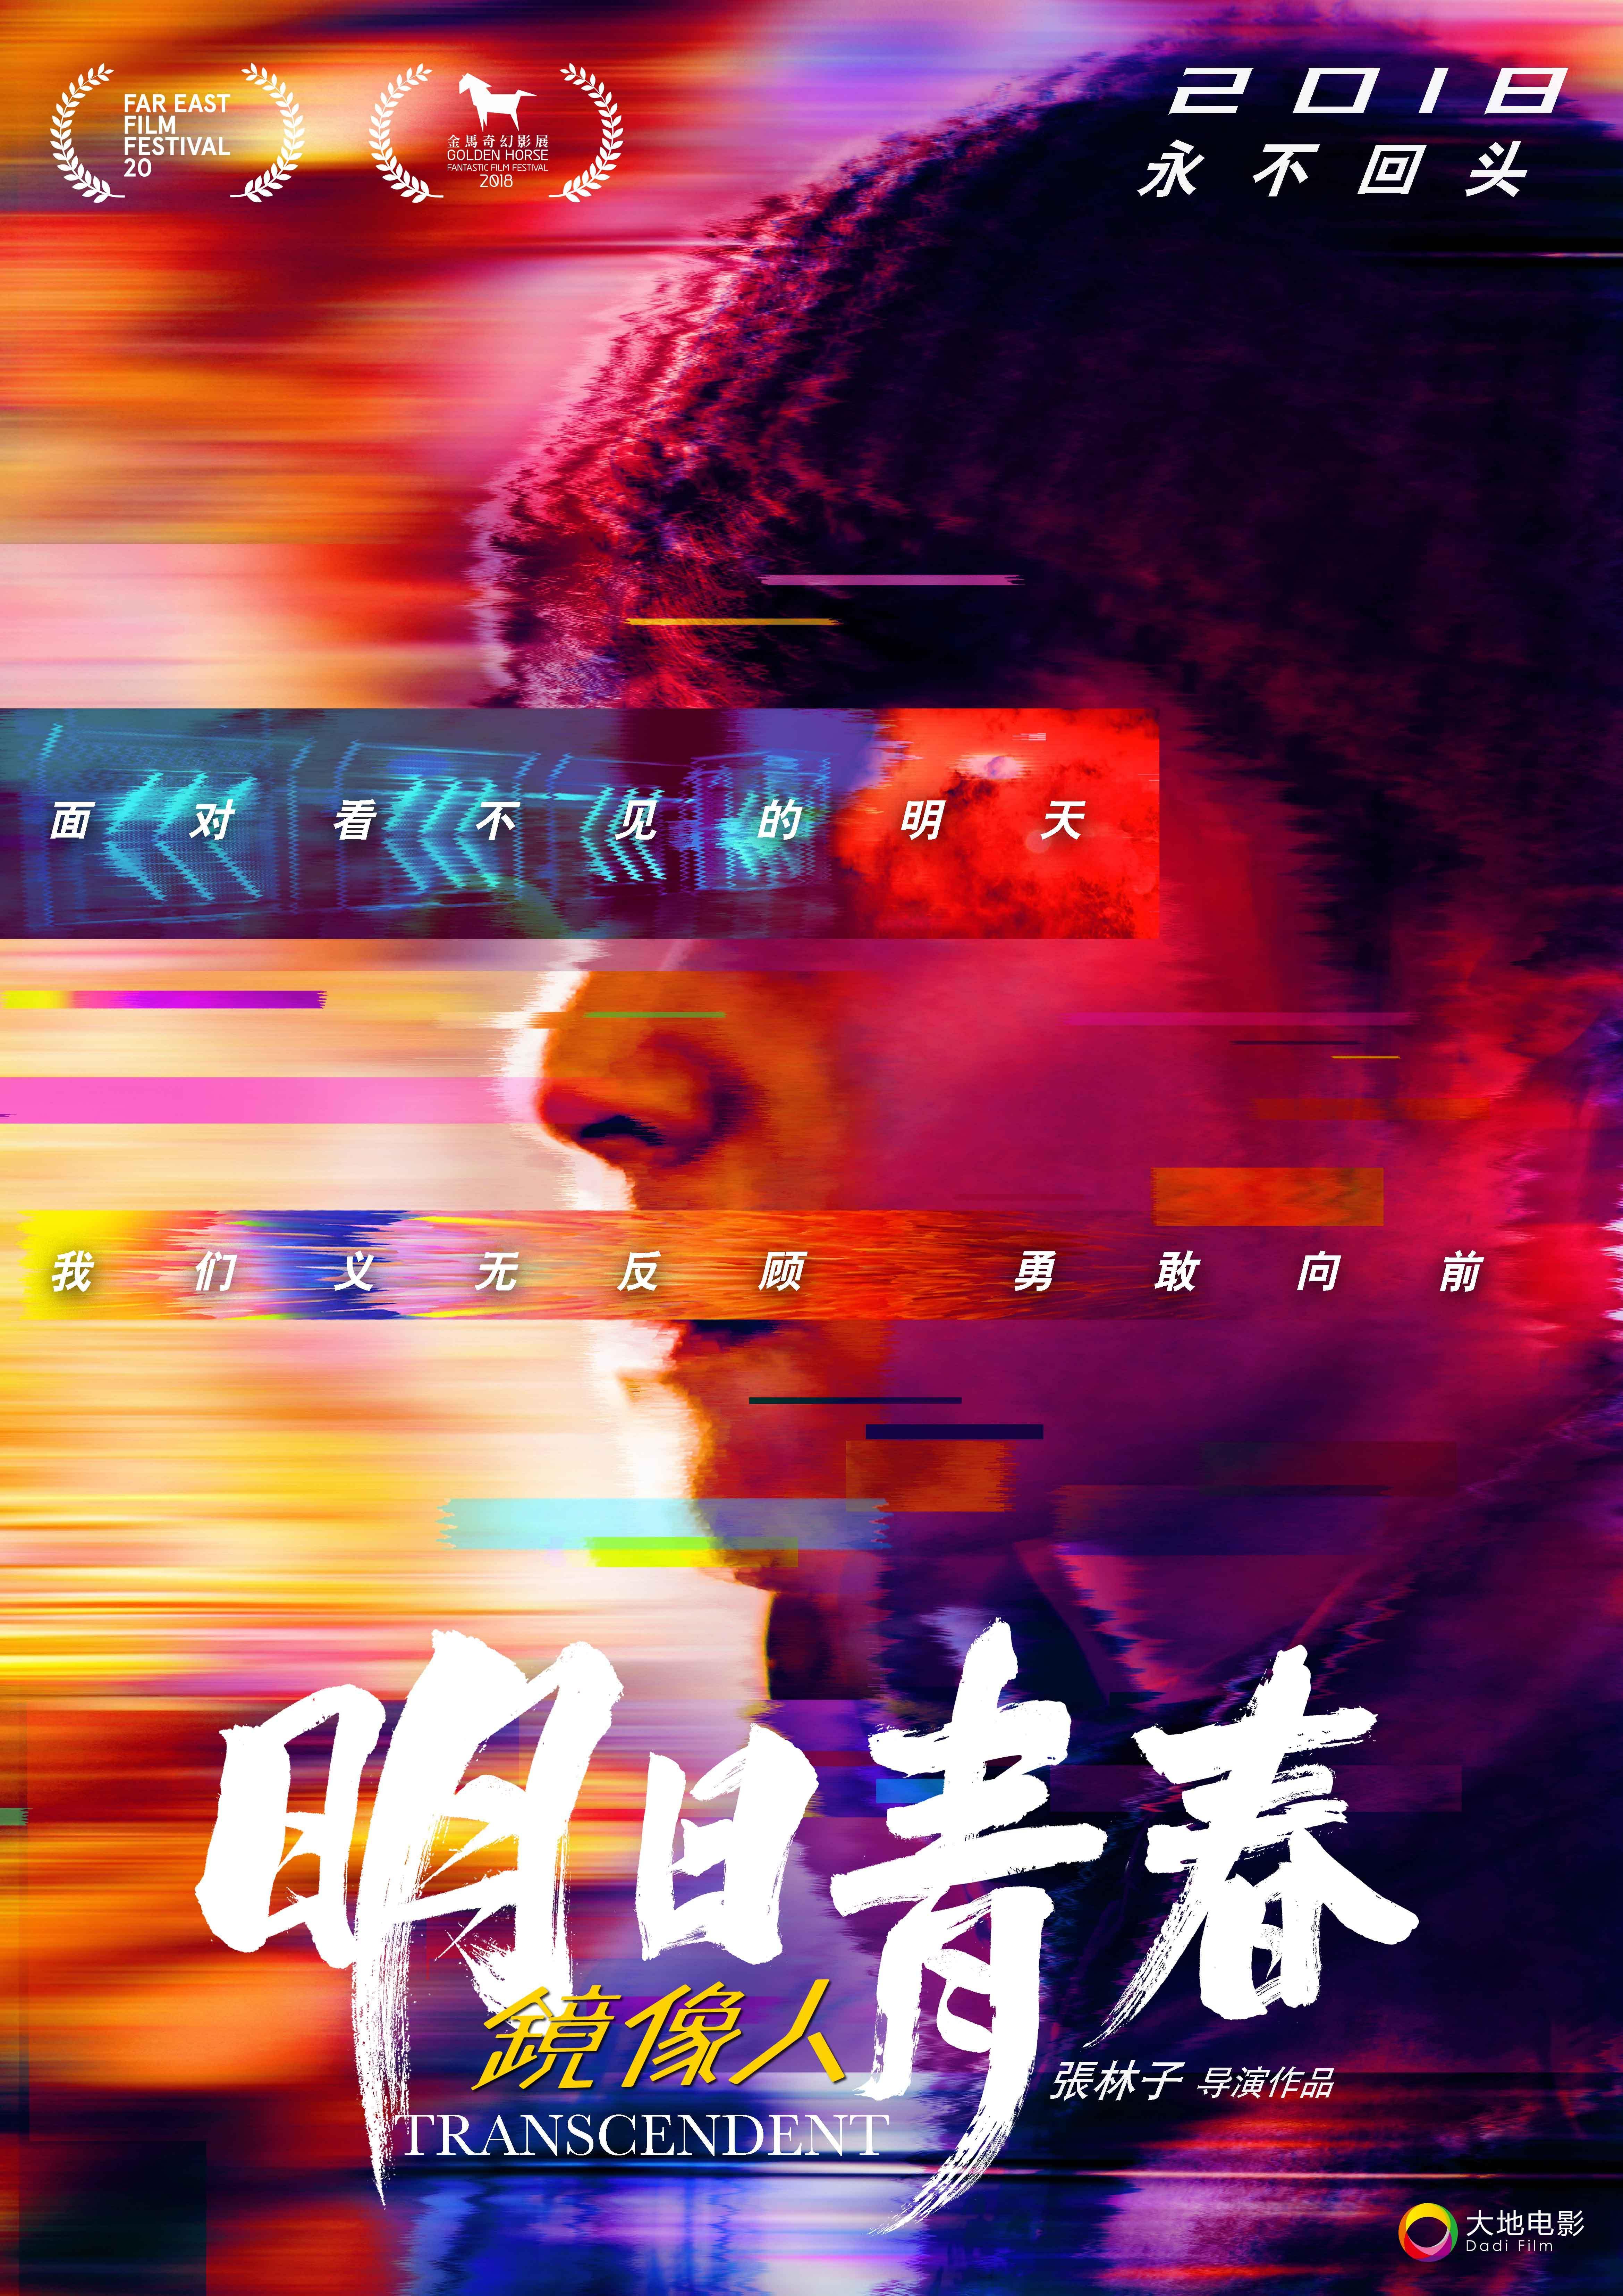 《镜像人》入围两大影展 李程彬挑战拳击型男露腹肌